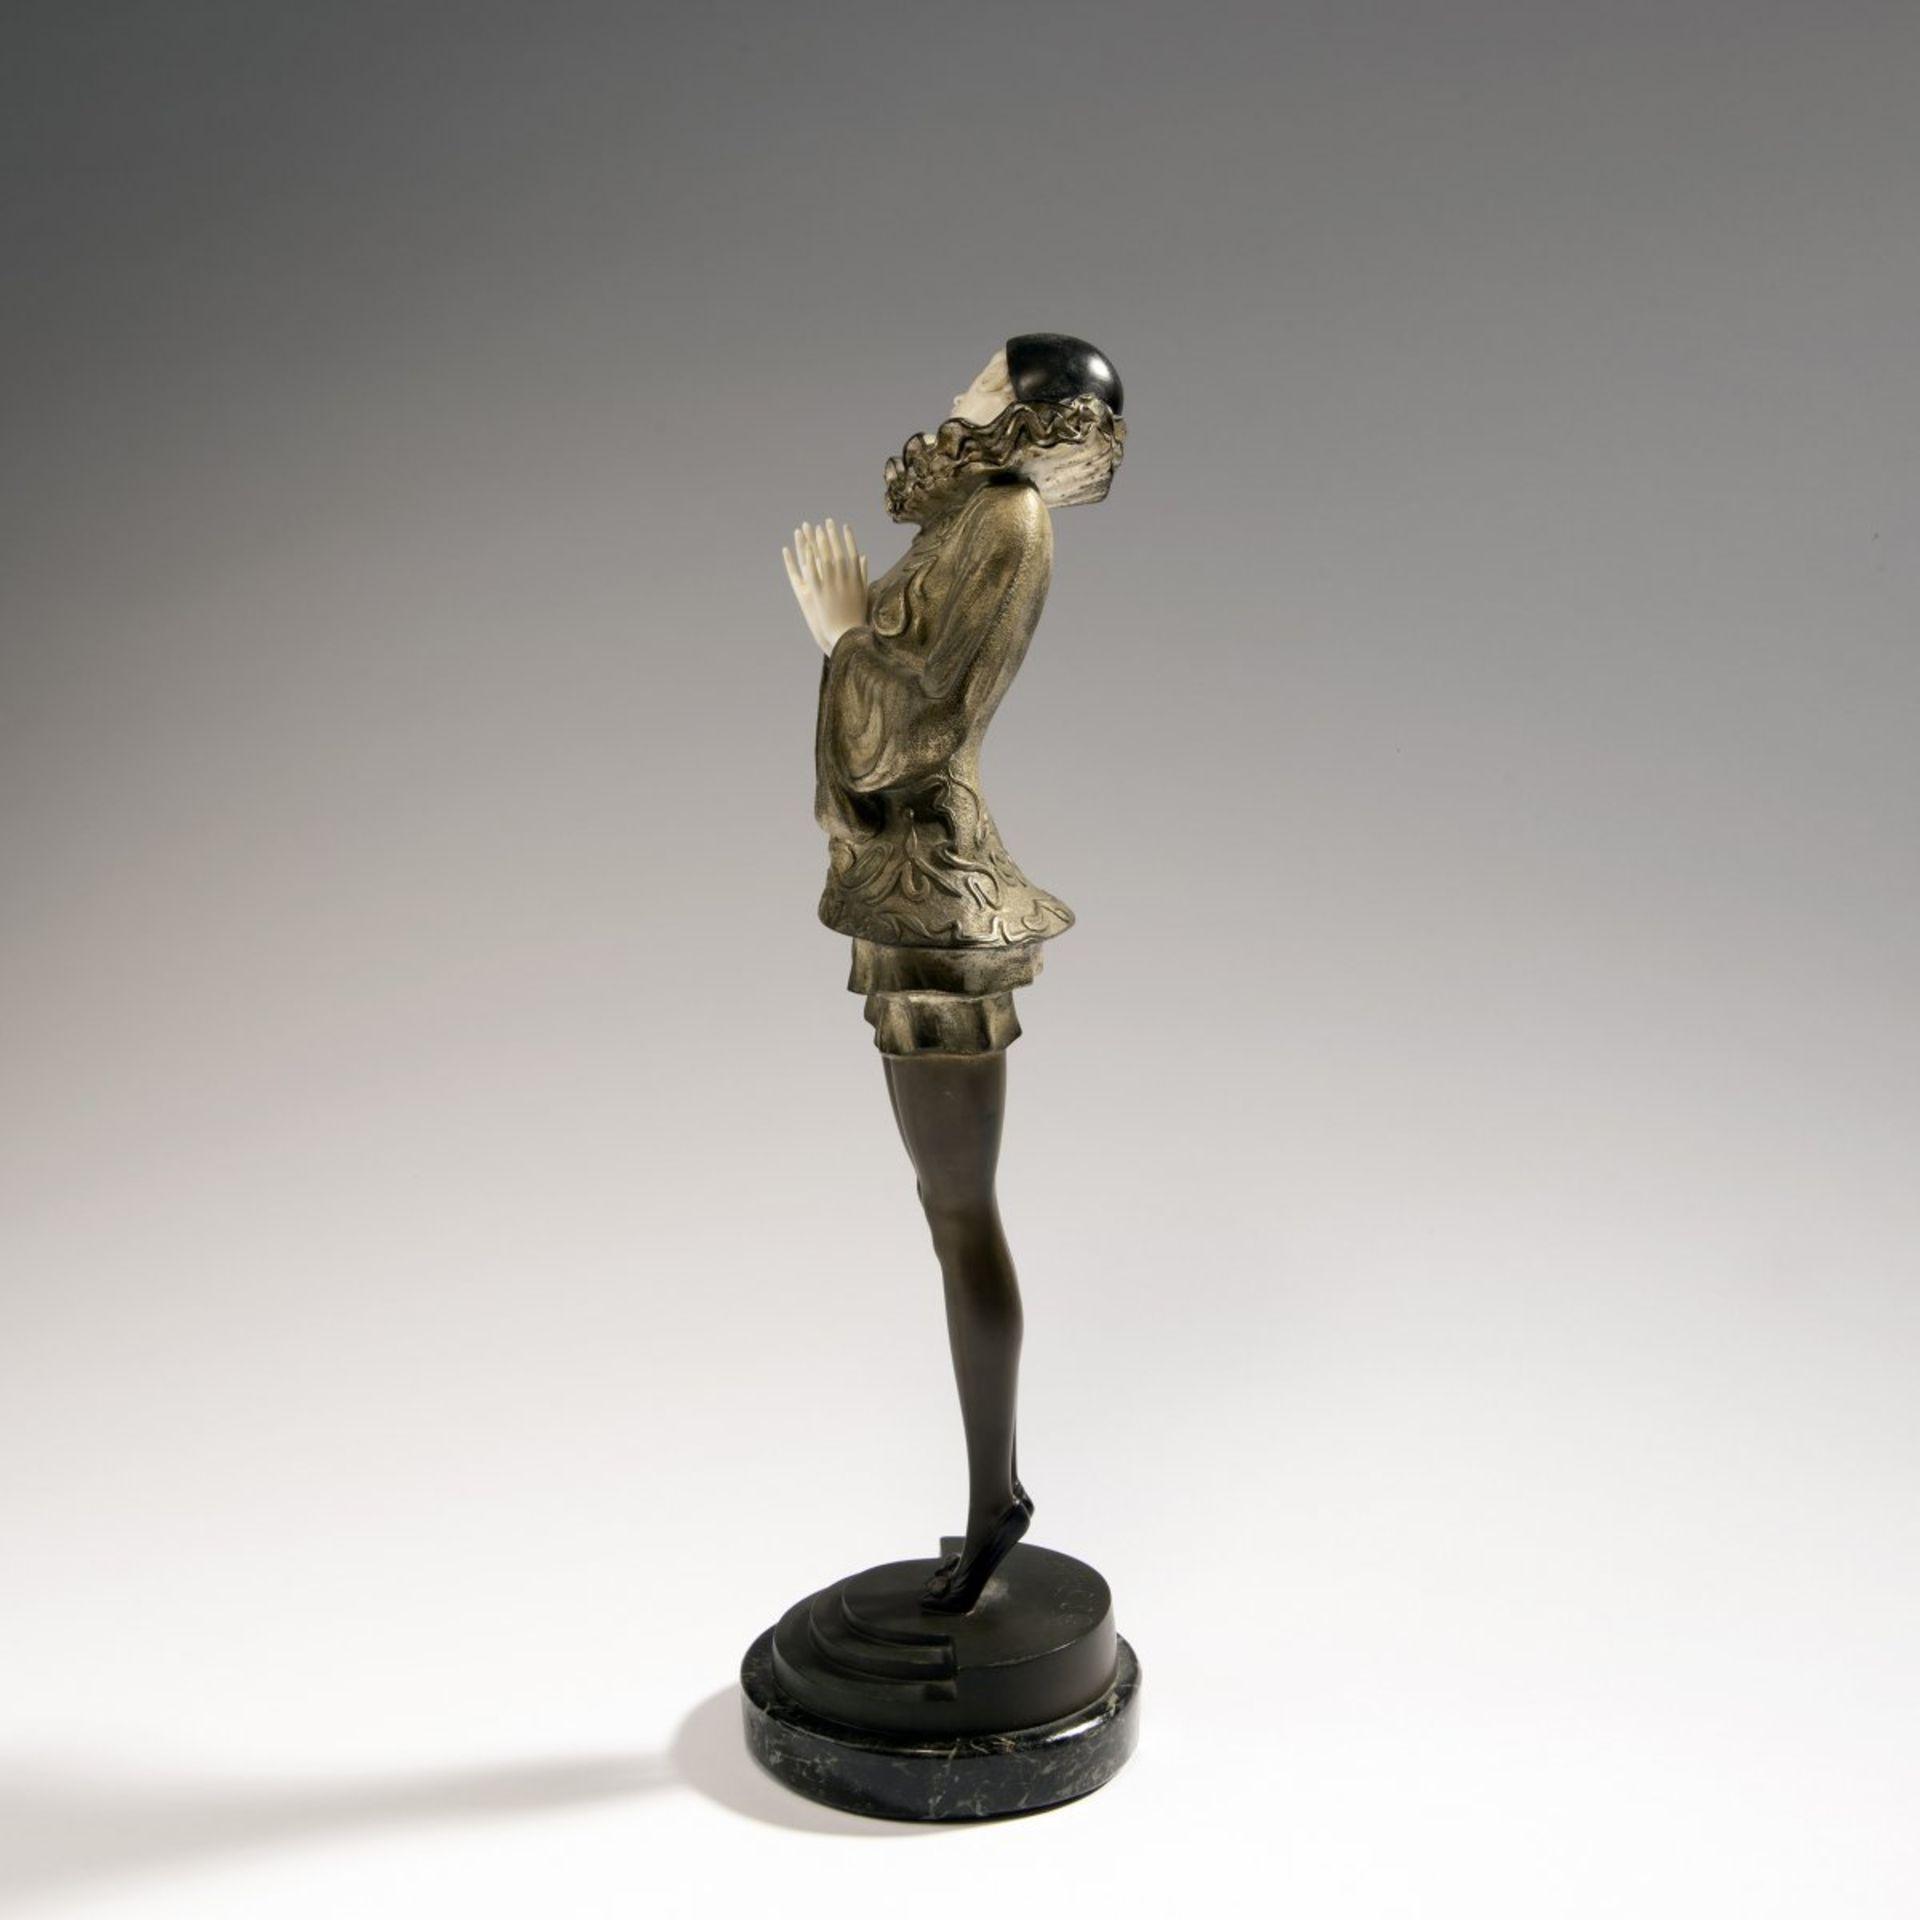 Paul Philippe, 'Pierrette', um 1928 - Bild 3 aus 6